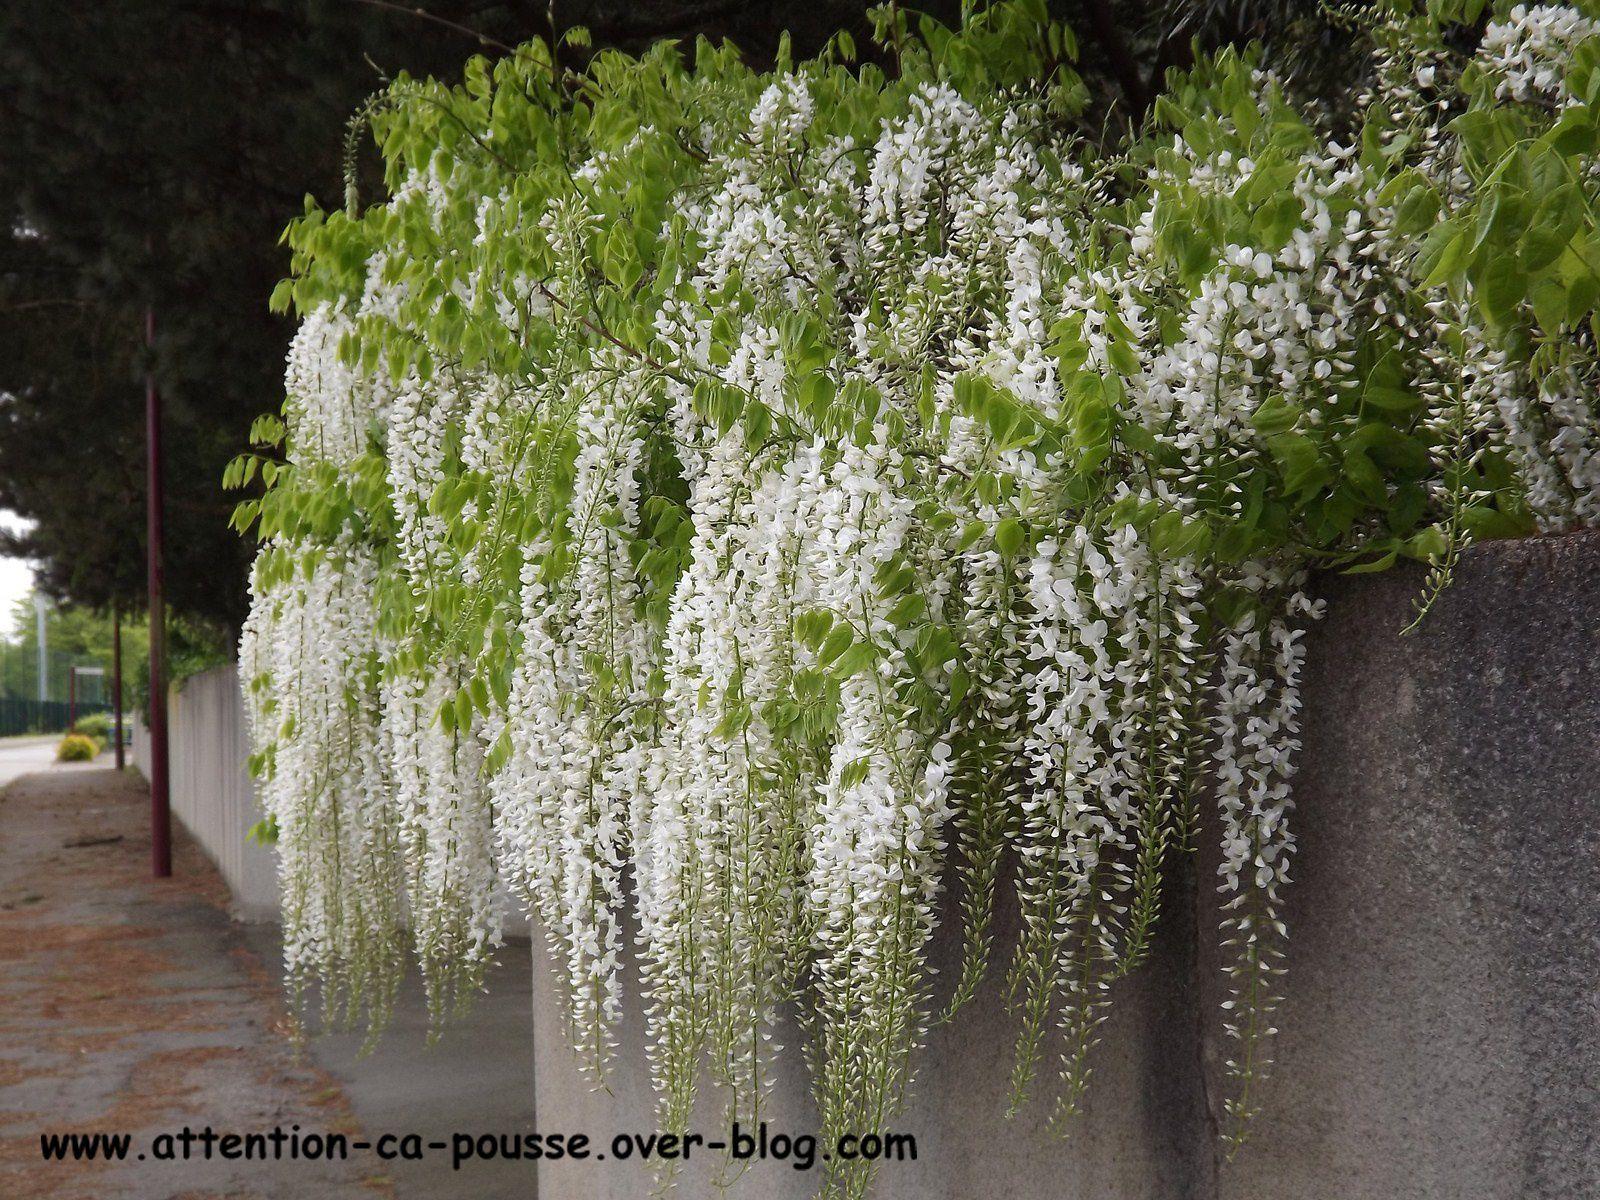 Quel Support Pour Une Glycine glycine (wisteria) - attention ça pousse !